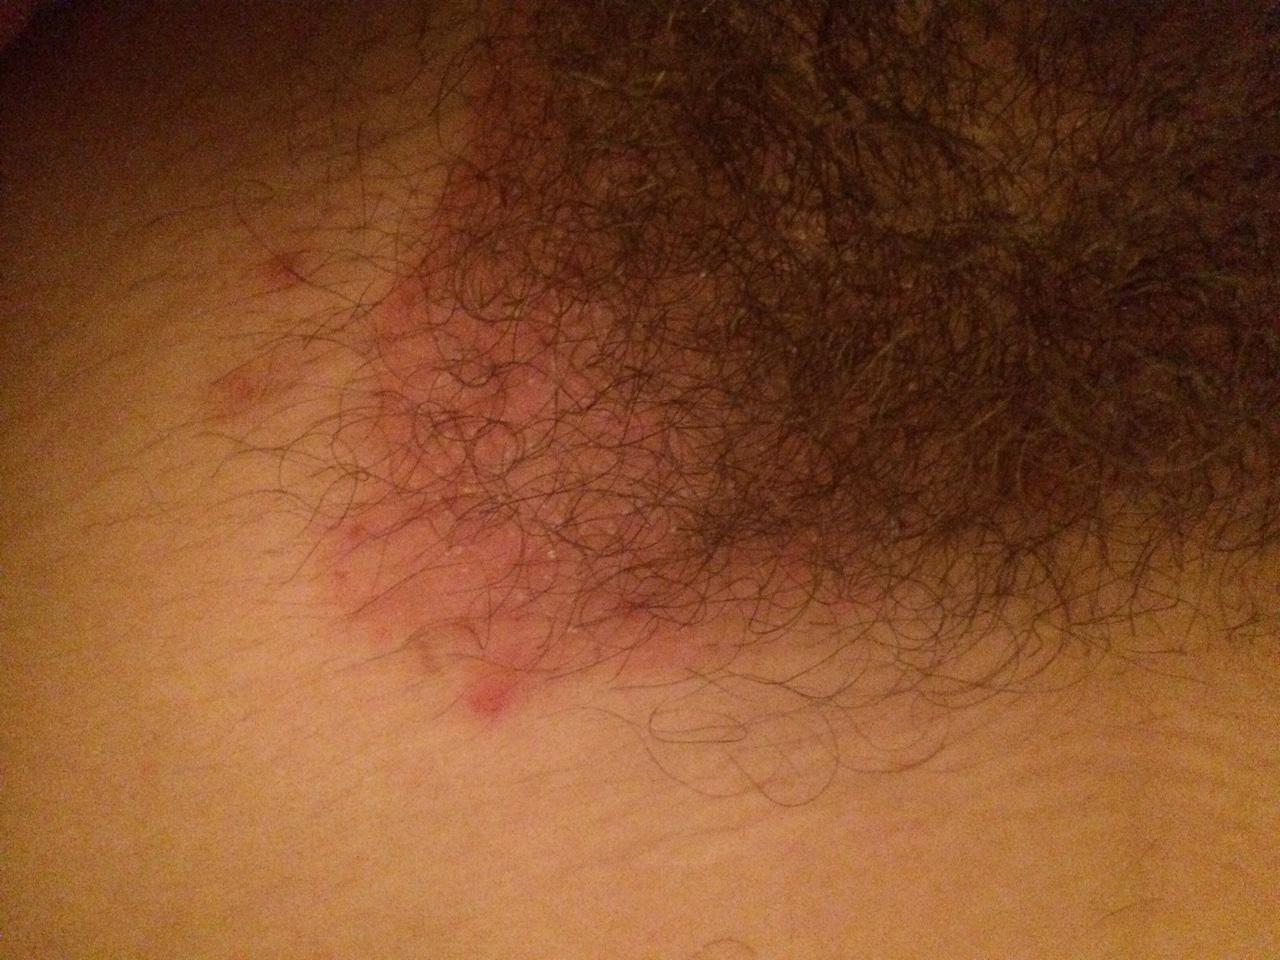 Зуд в интимных местах дерматолог